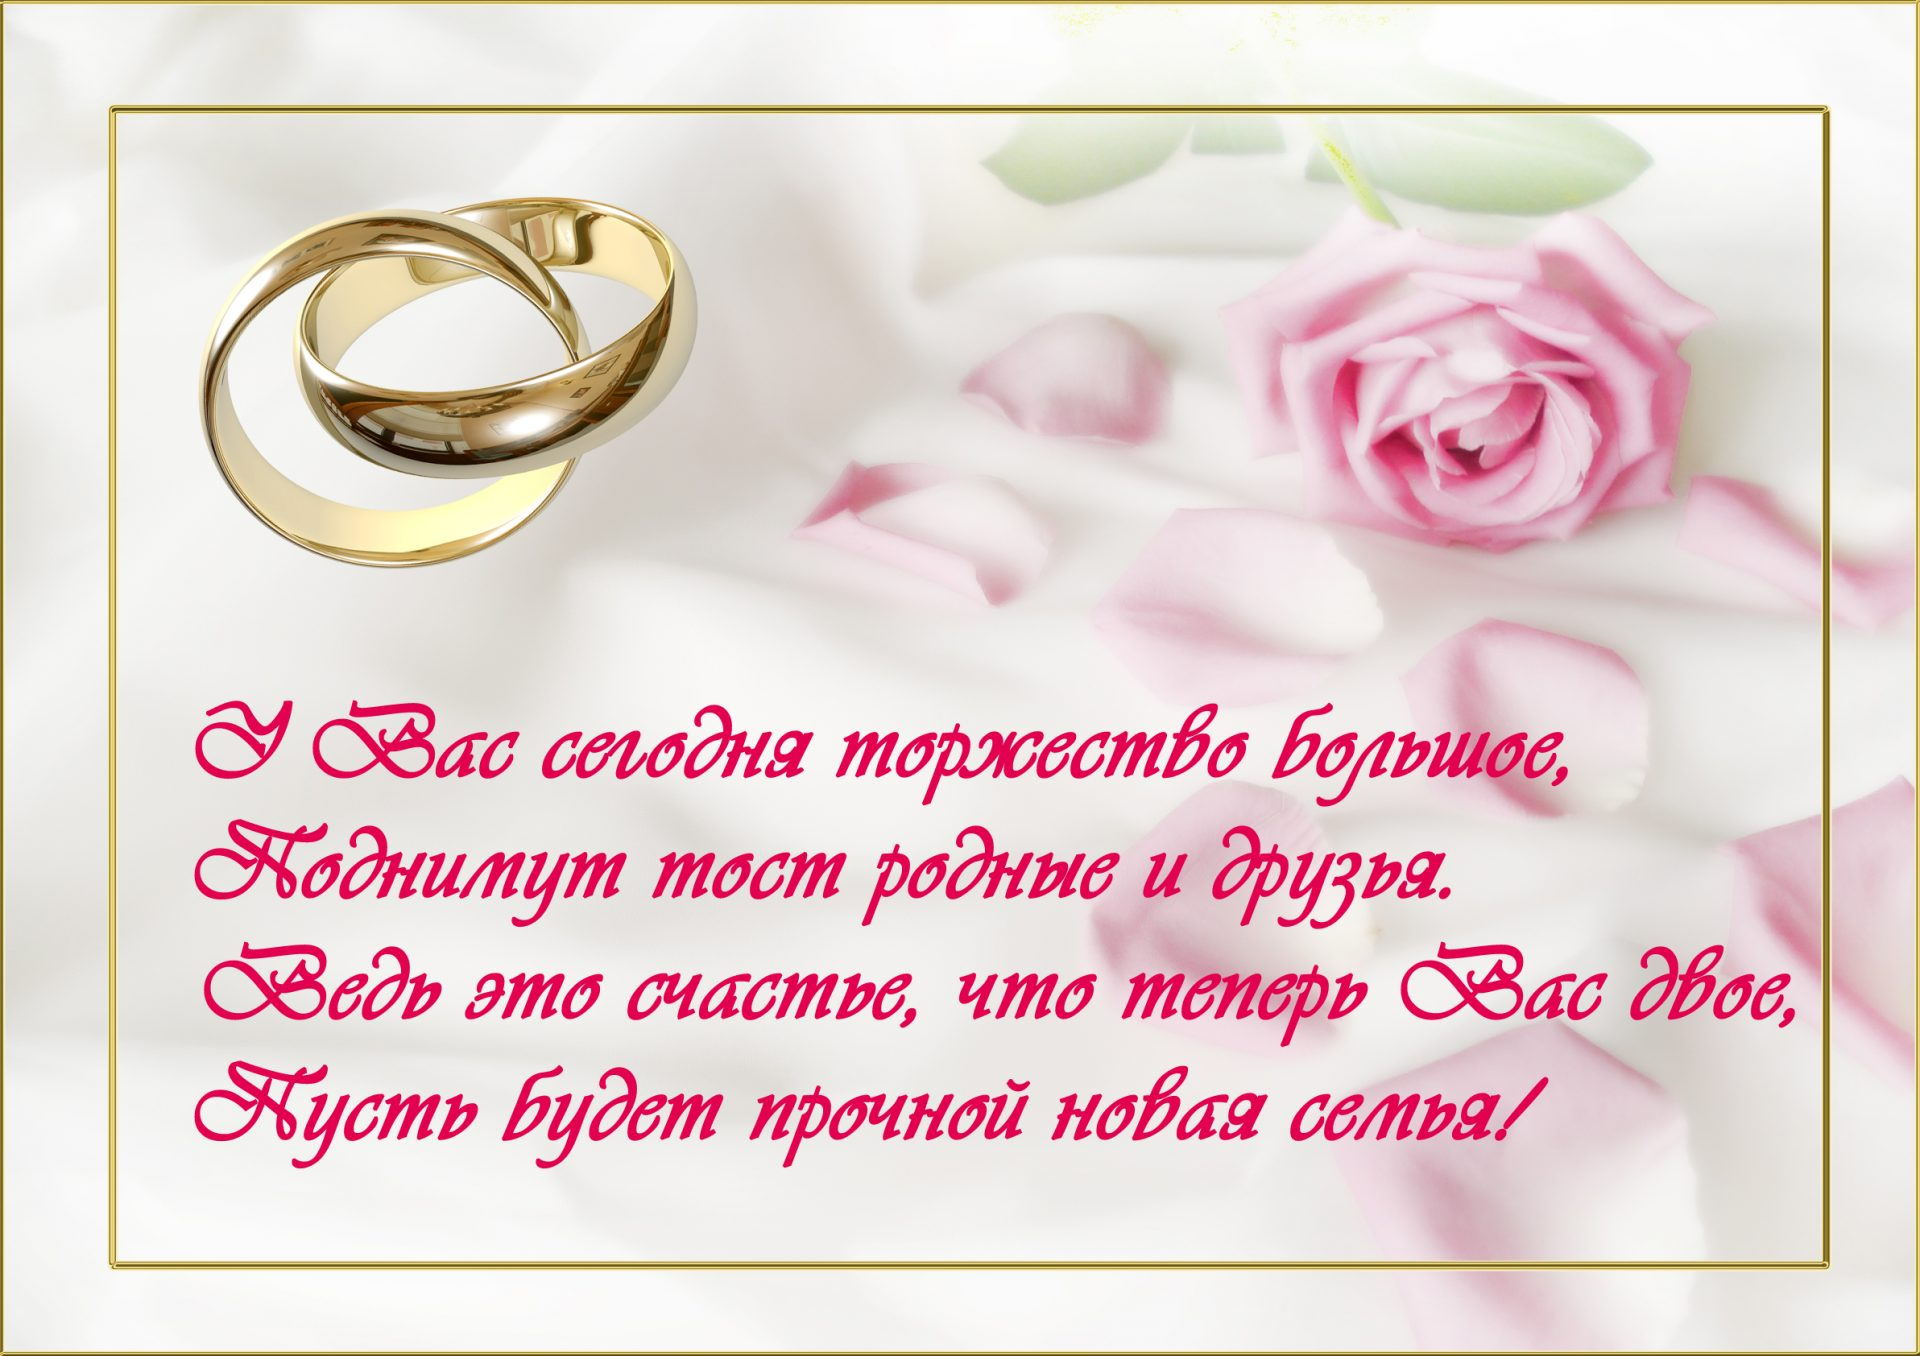 Поздравление с бракосочетанием подруге в прозе фото 584